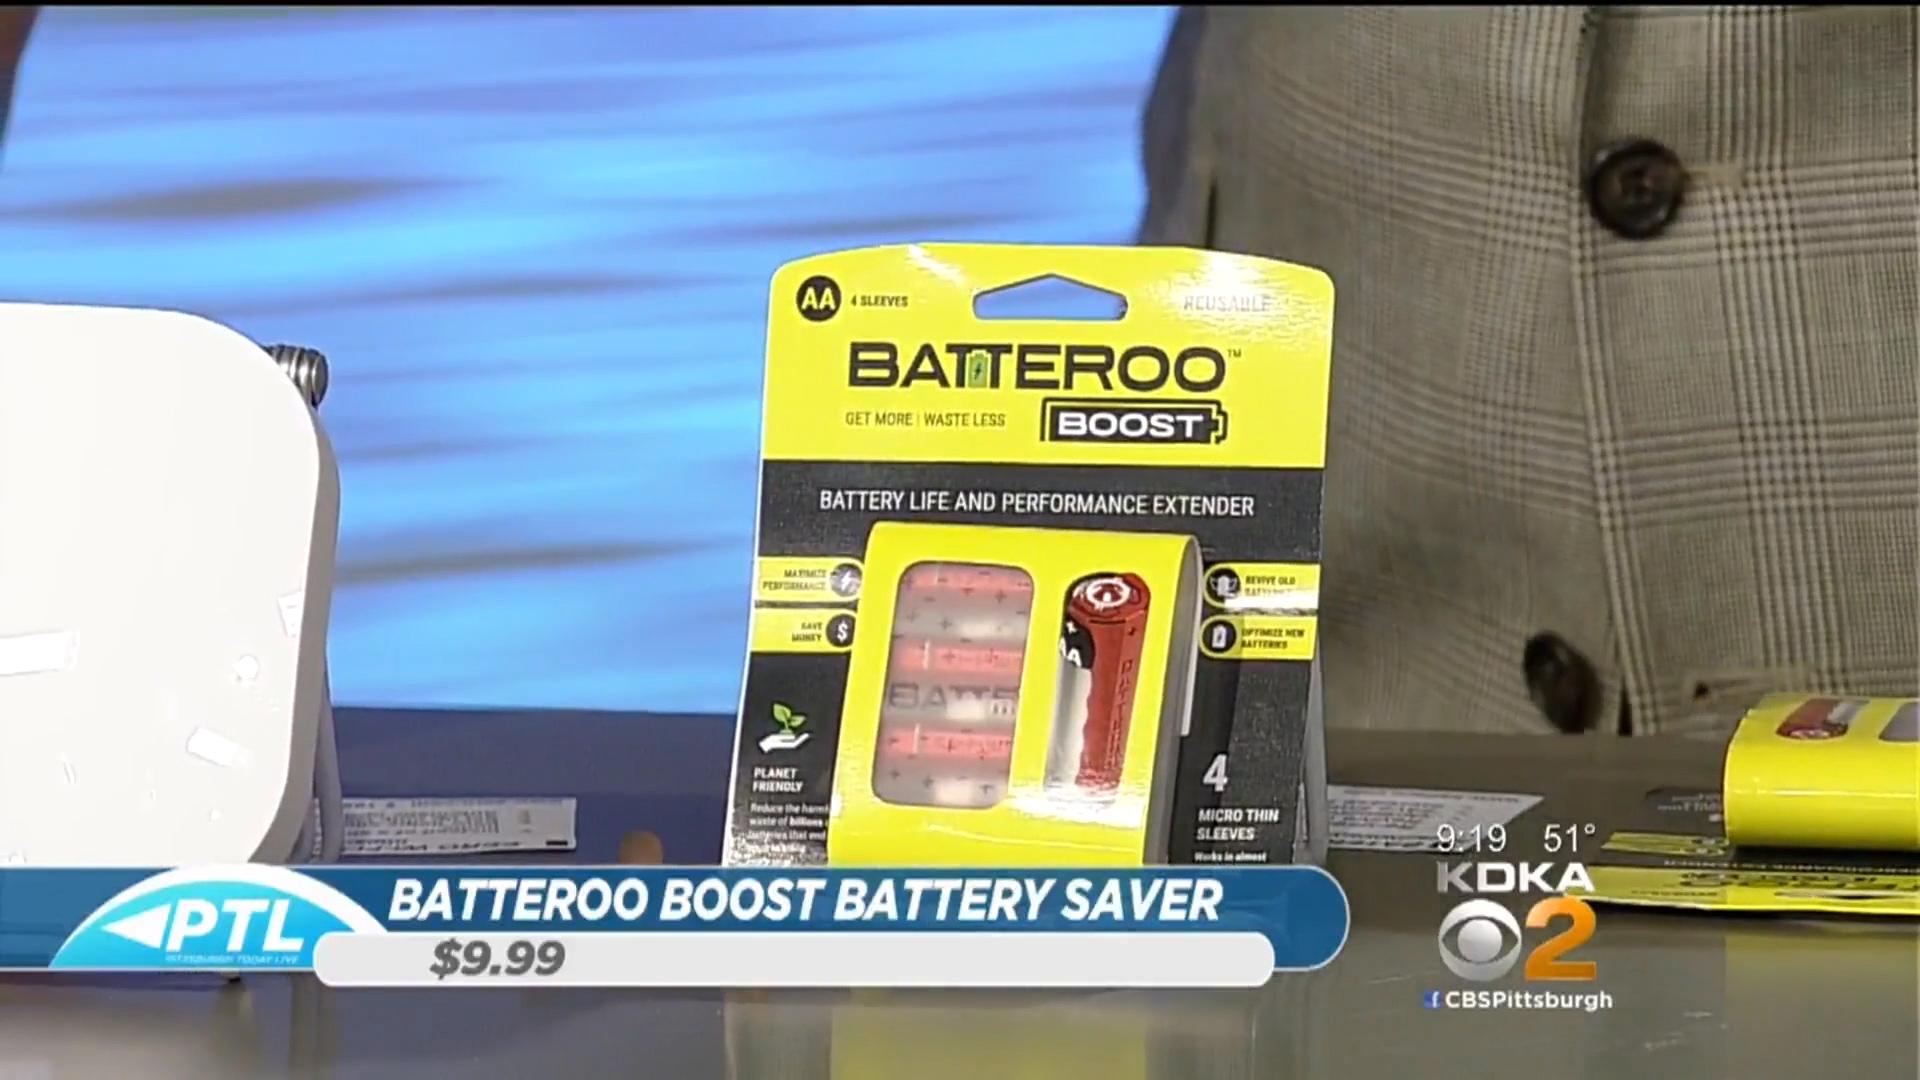 Batteroo Boost Battery Saver - $9.99(844) 827-6673www.batteroo.com